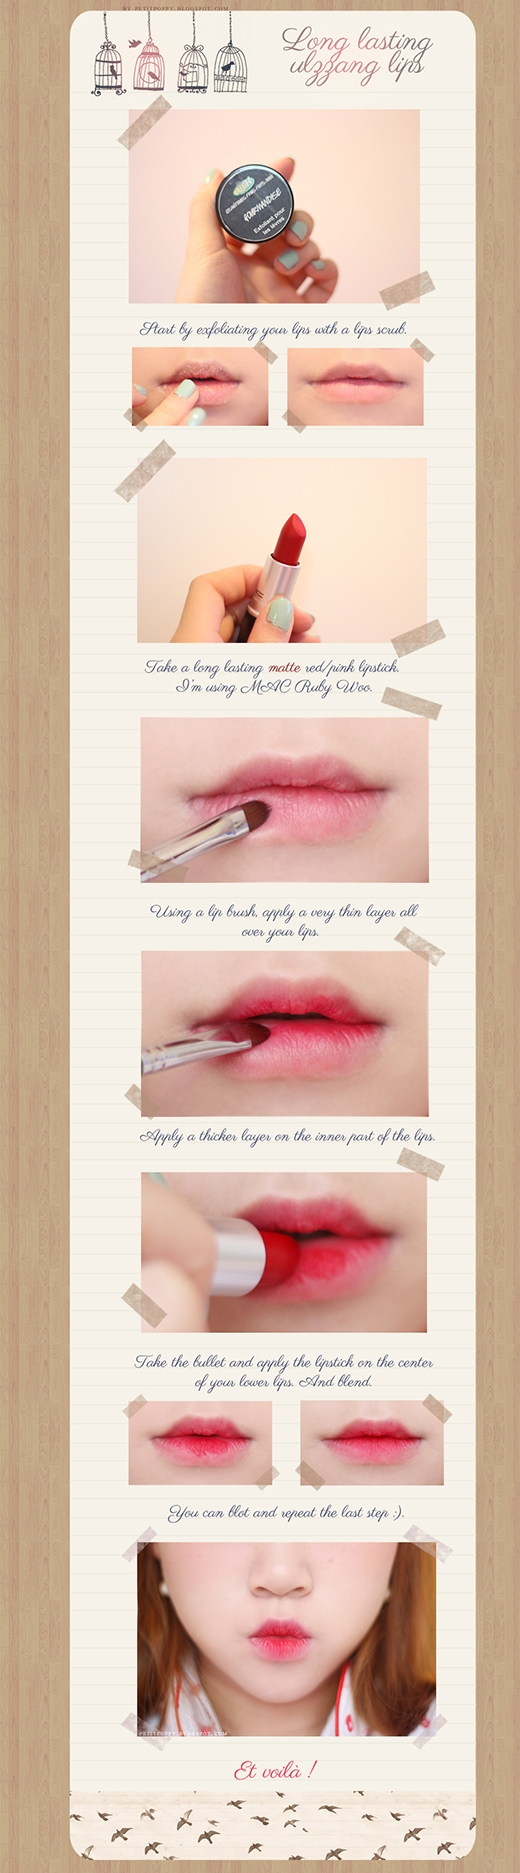 Nếu không có son tint, bạn có thể dùng những loại son sẵn có của mình tô lòng môi và thêm ít son bóng để tạo hiệu ứng căng mịn